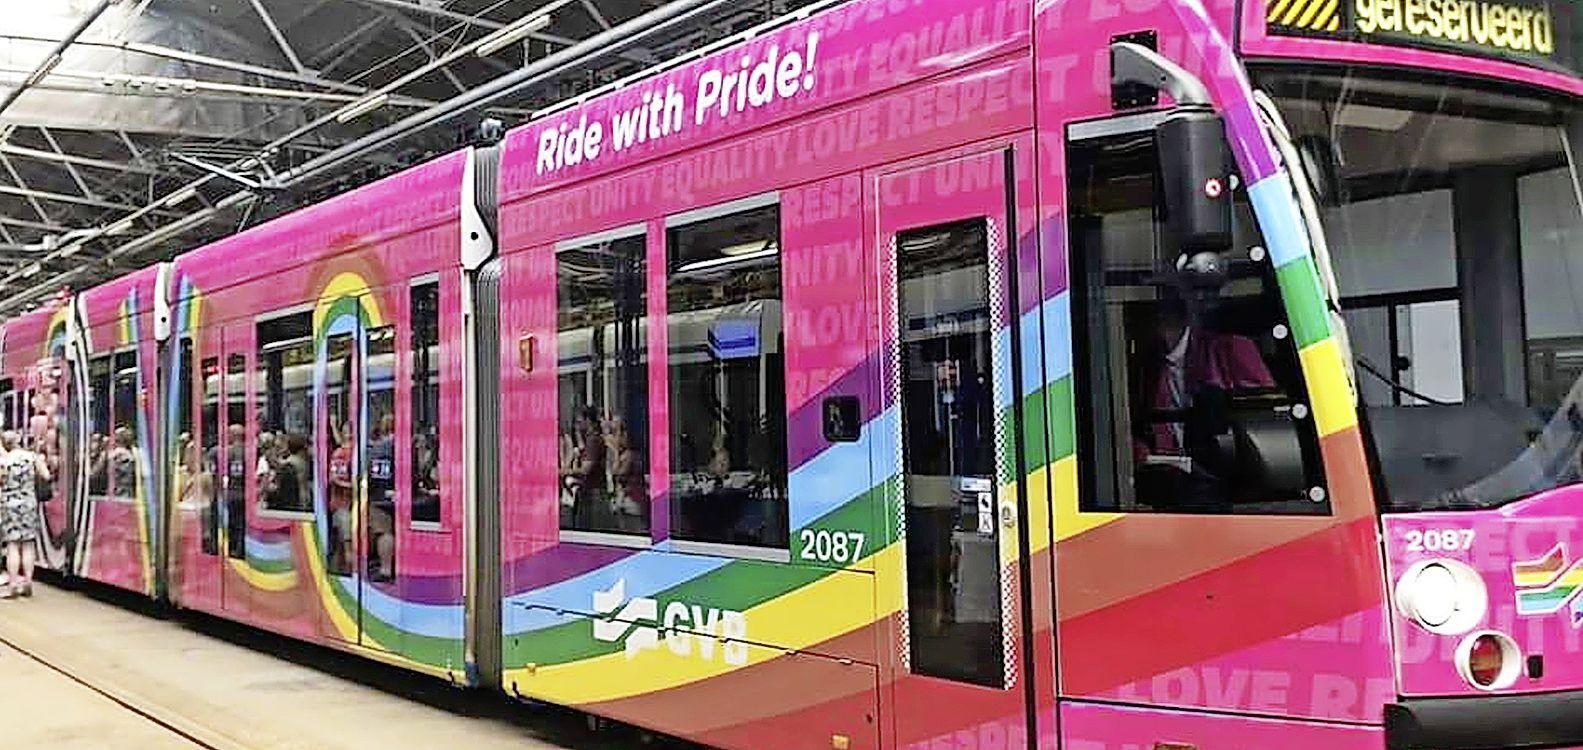 Bussen in Zaanstreek en Waterland gehuld in regenboogkleuren: 'Iedereen is welkom in het openbaar vervoer'